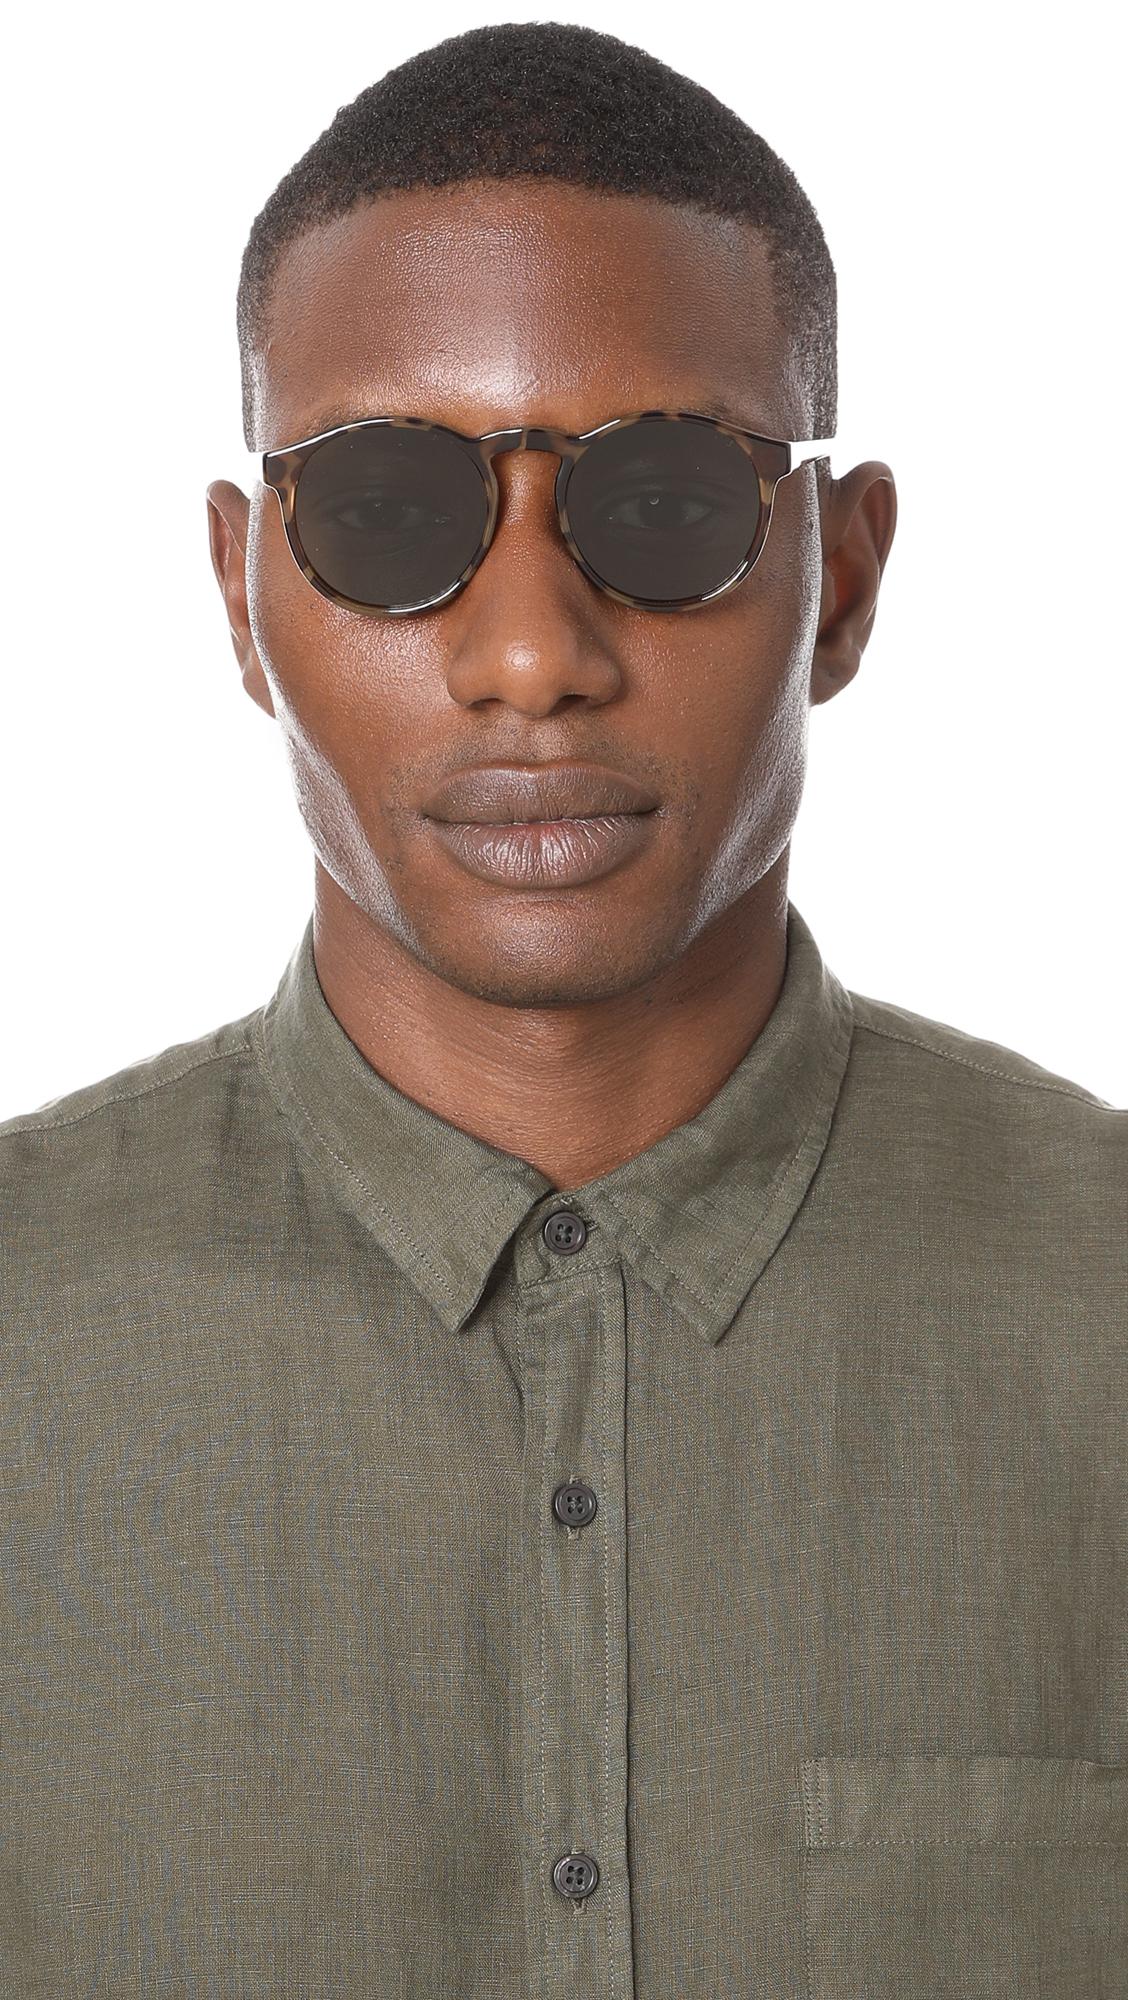 a20bc07d56c Le Specs Cubanos Sunglasses